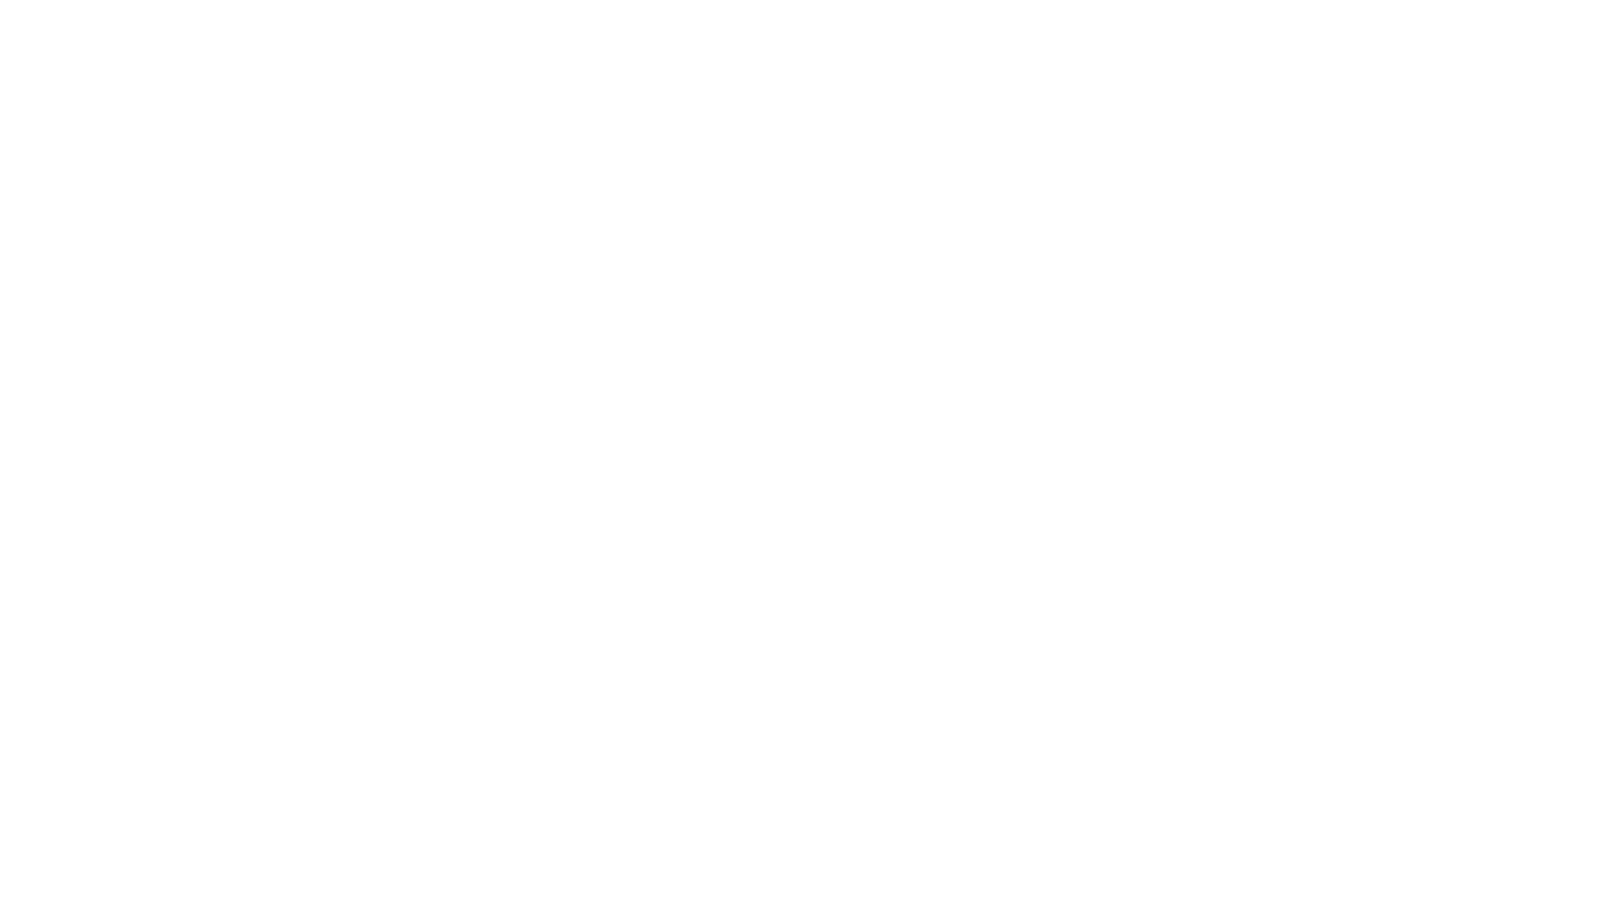 Cet épisode traite de l'arrangement de ce mouvement pour quintette à vent (Bagatelle n°1) Ligeti